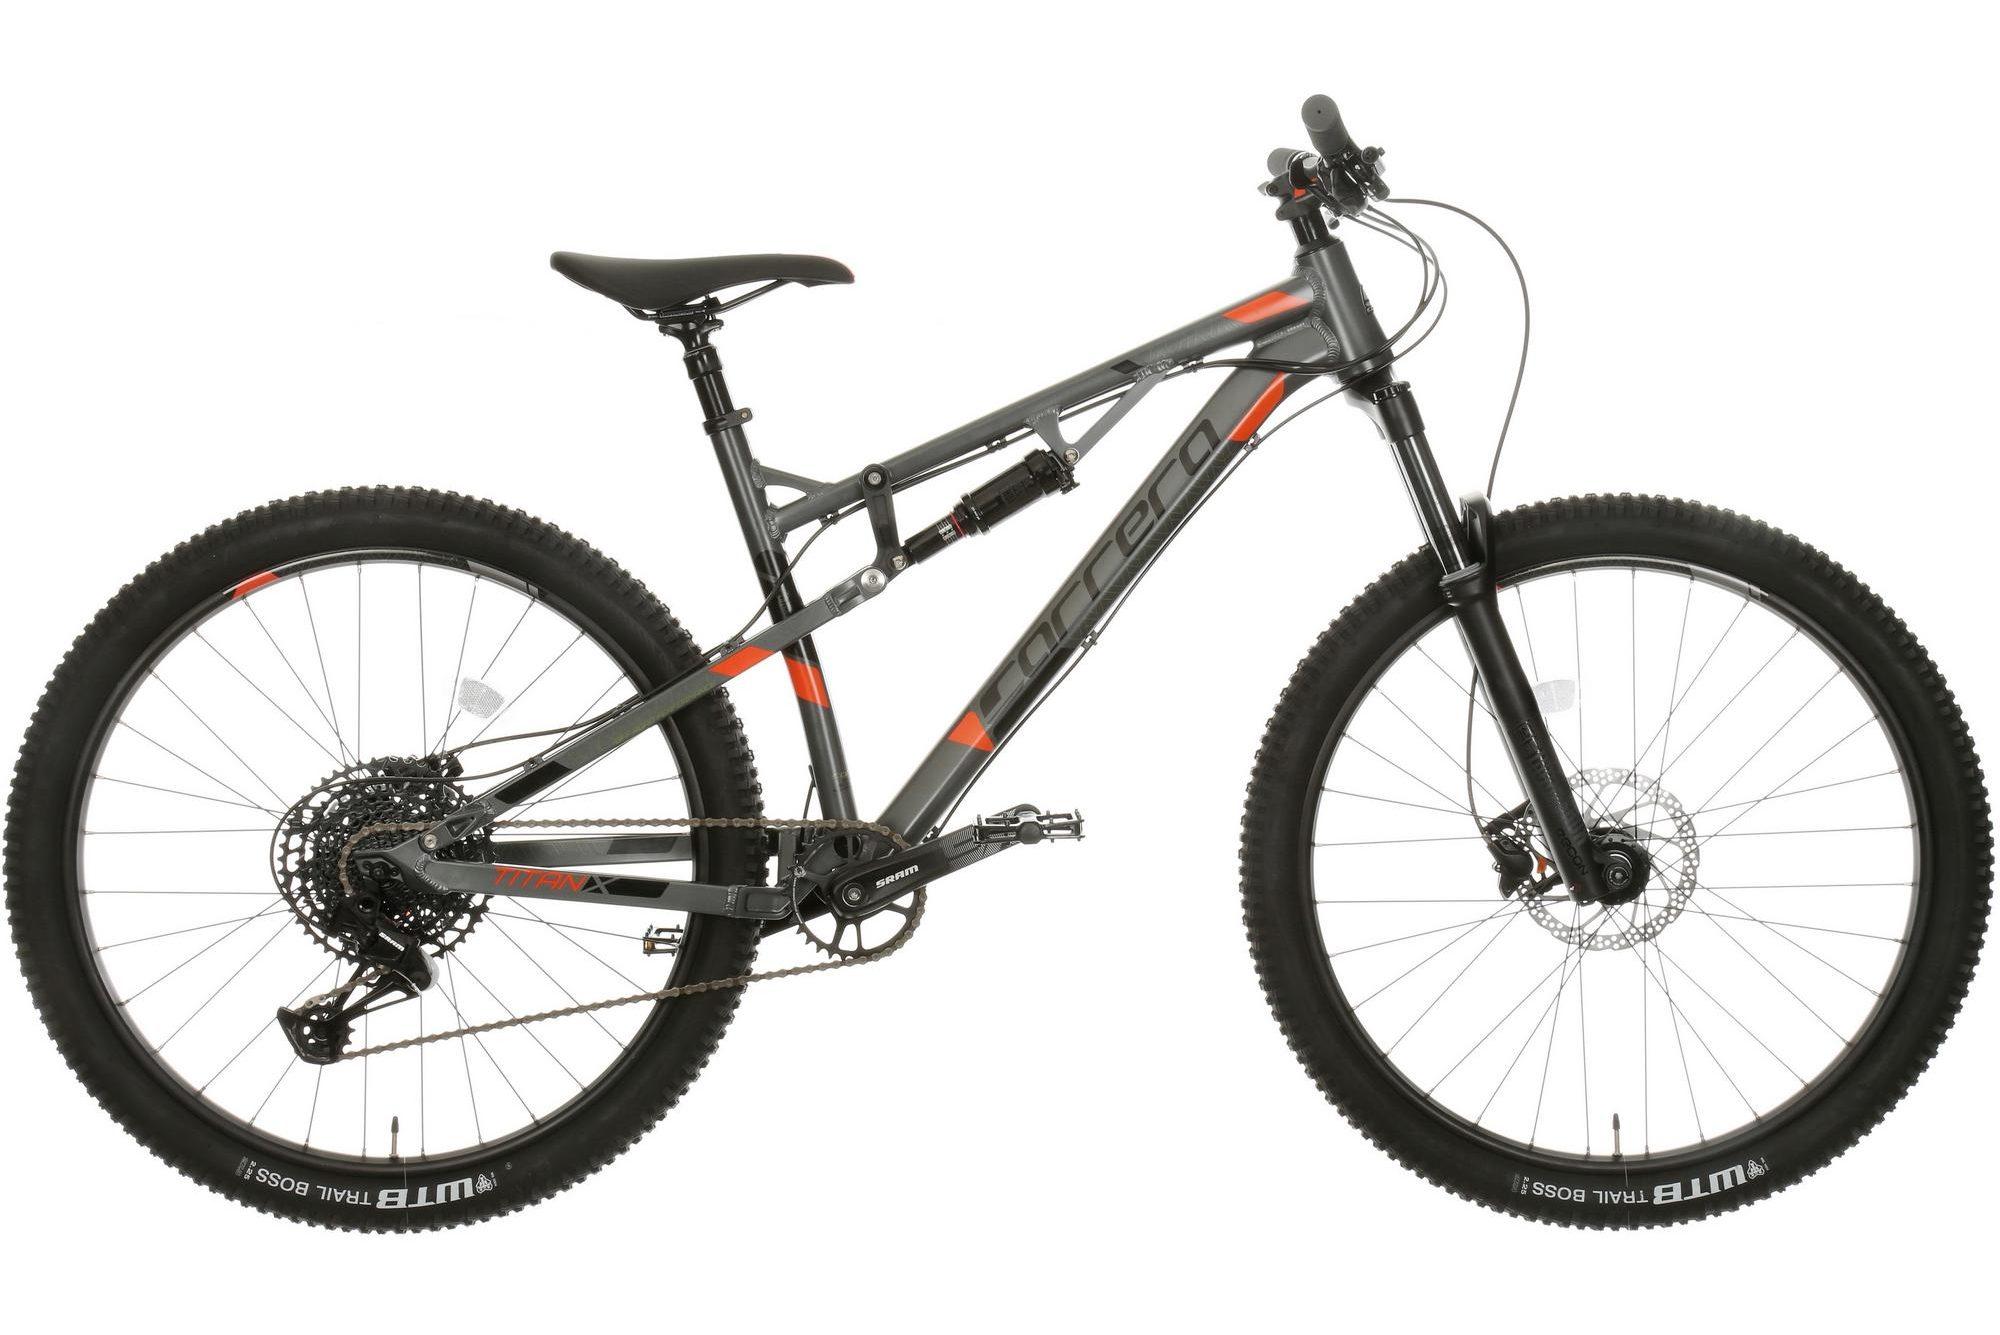 Voodoo WITH BOLT 2020 Cycle Bike Rear Derailleur Hanger Carrera Boardman